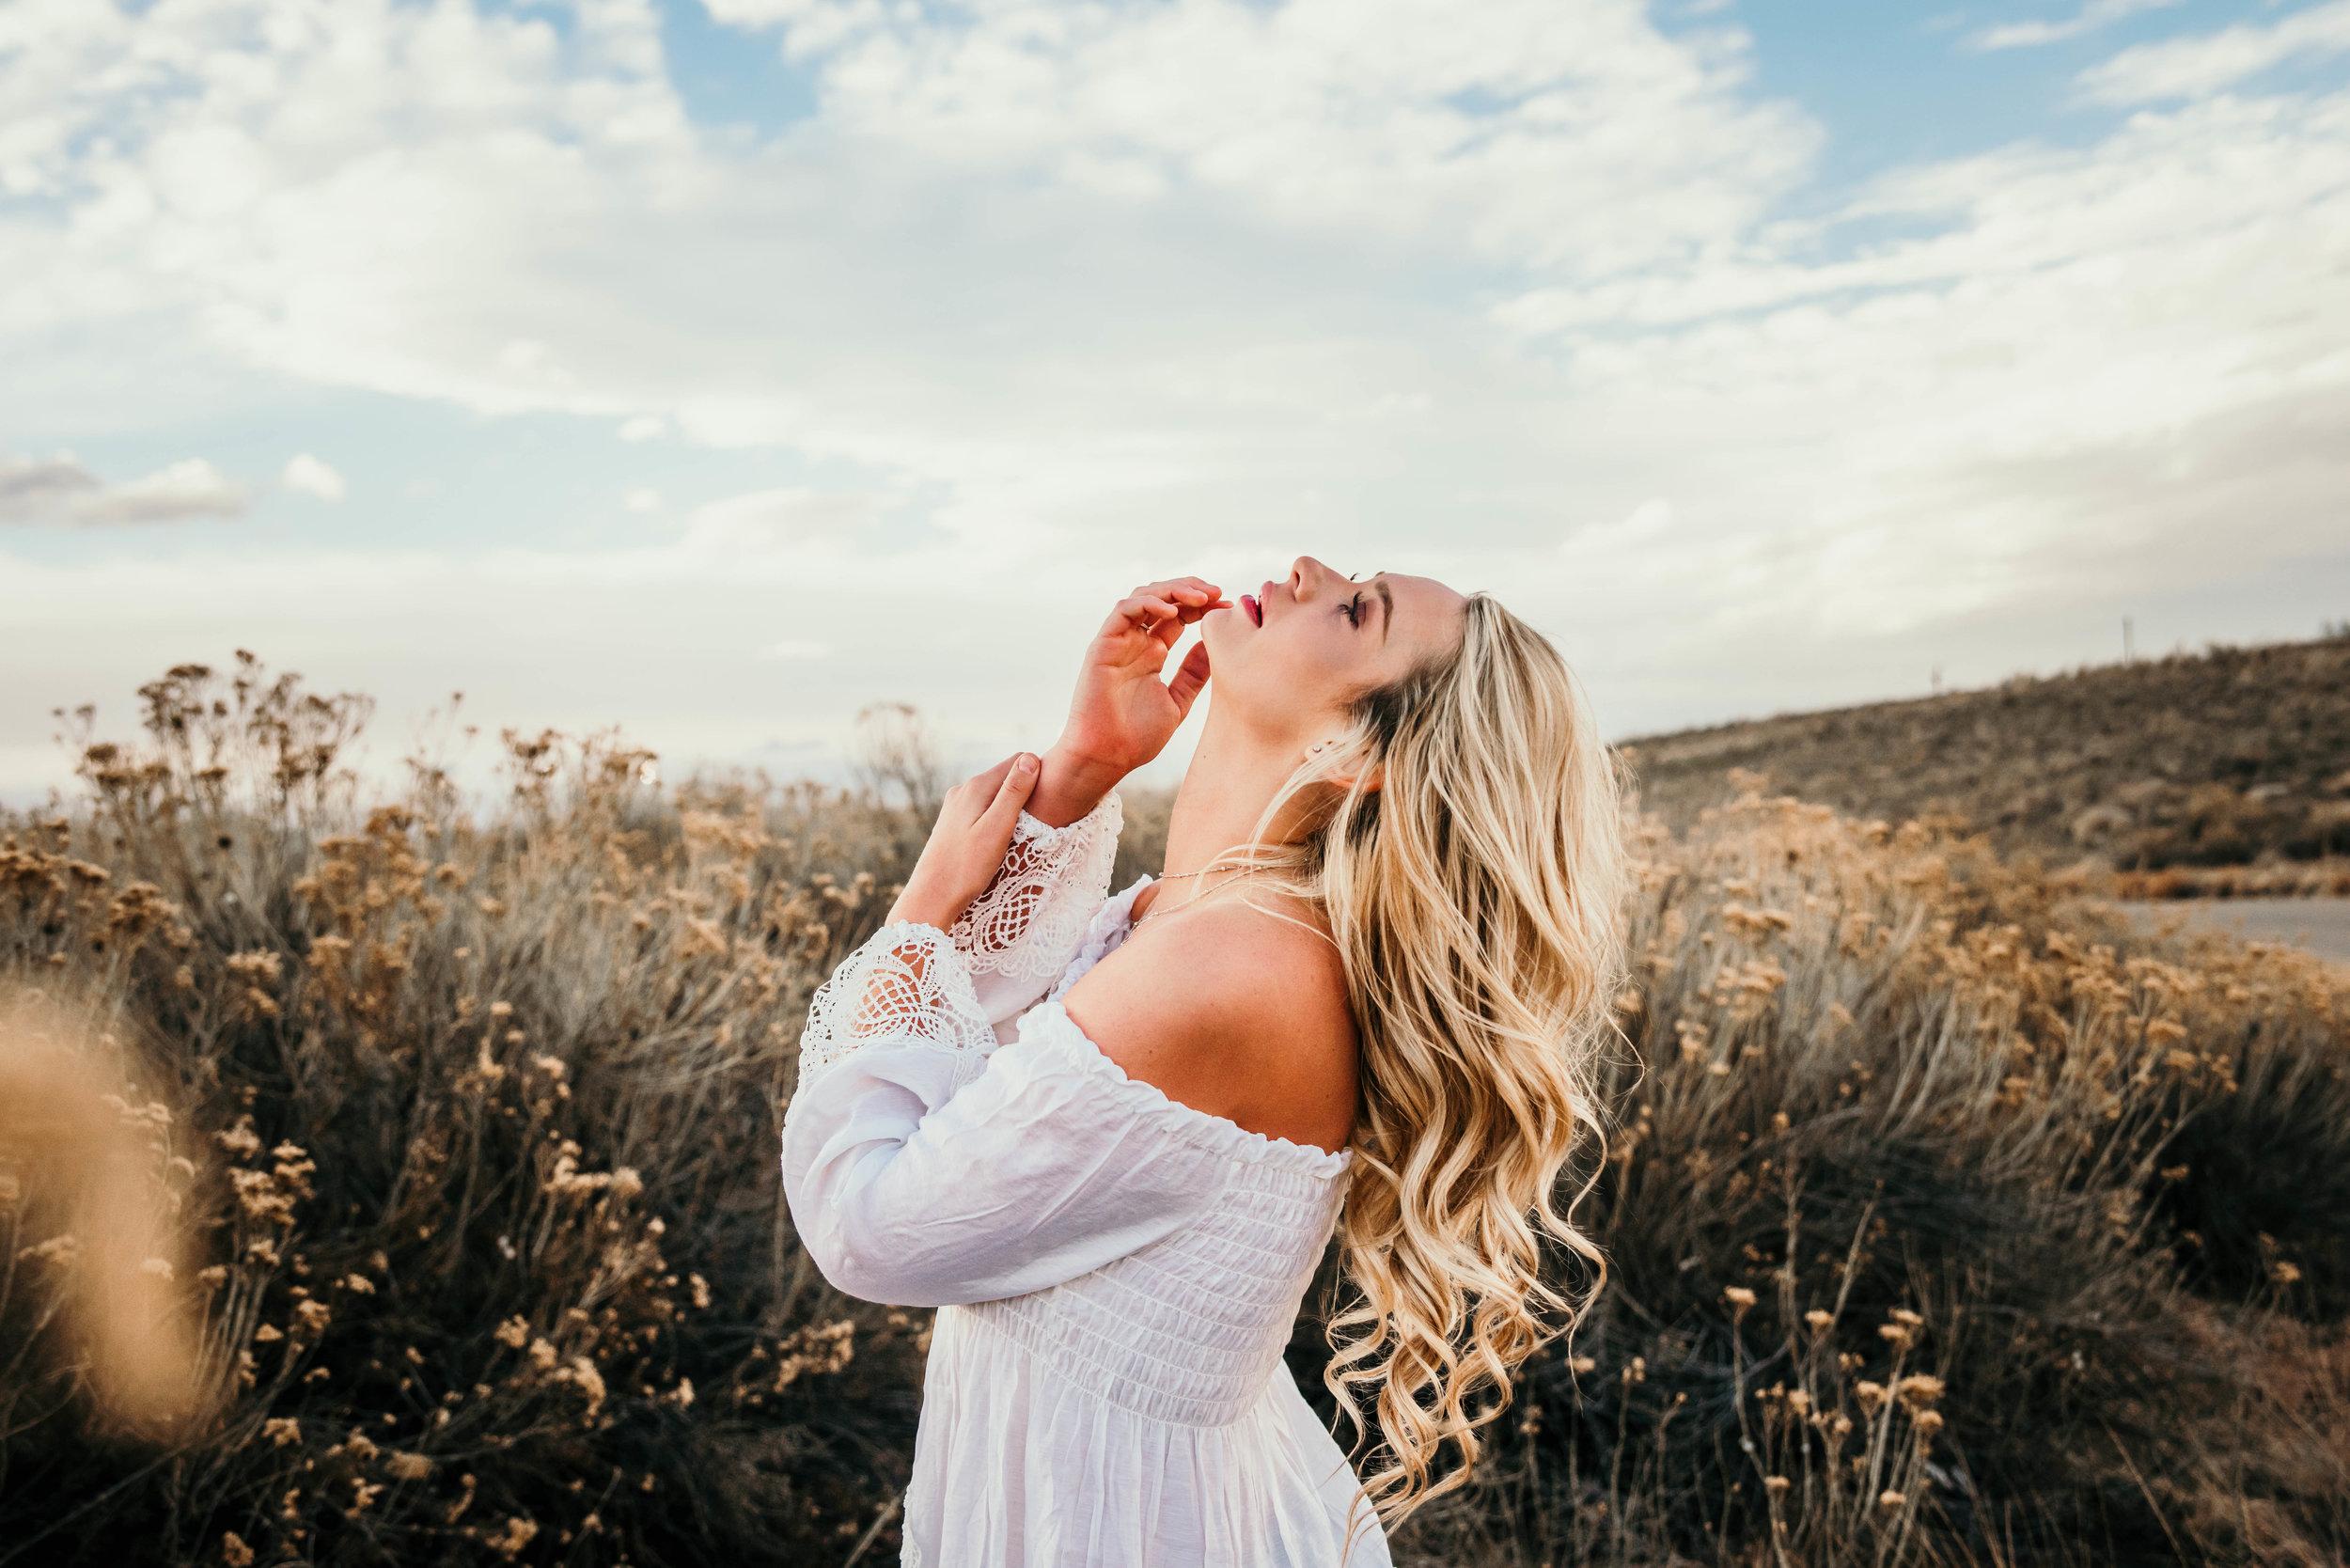 Miss. Miller's Photography | Colorado Senior Photographer | senior photo shoot ideas | boho senior session | Colorado girl | white strapless top | white peasant blouse | modern senior photos | 2018 senior photo ideas | candid senior photo ideas